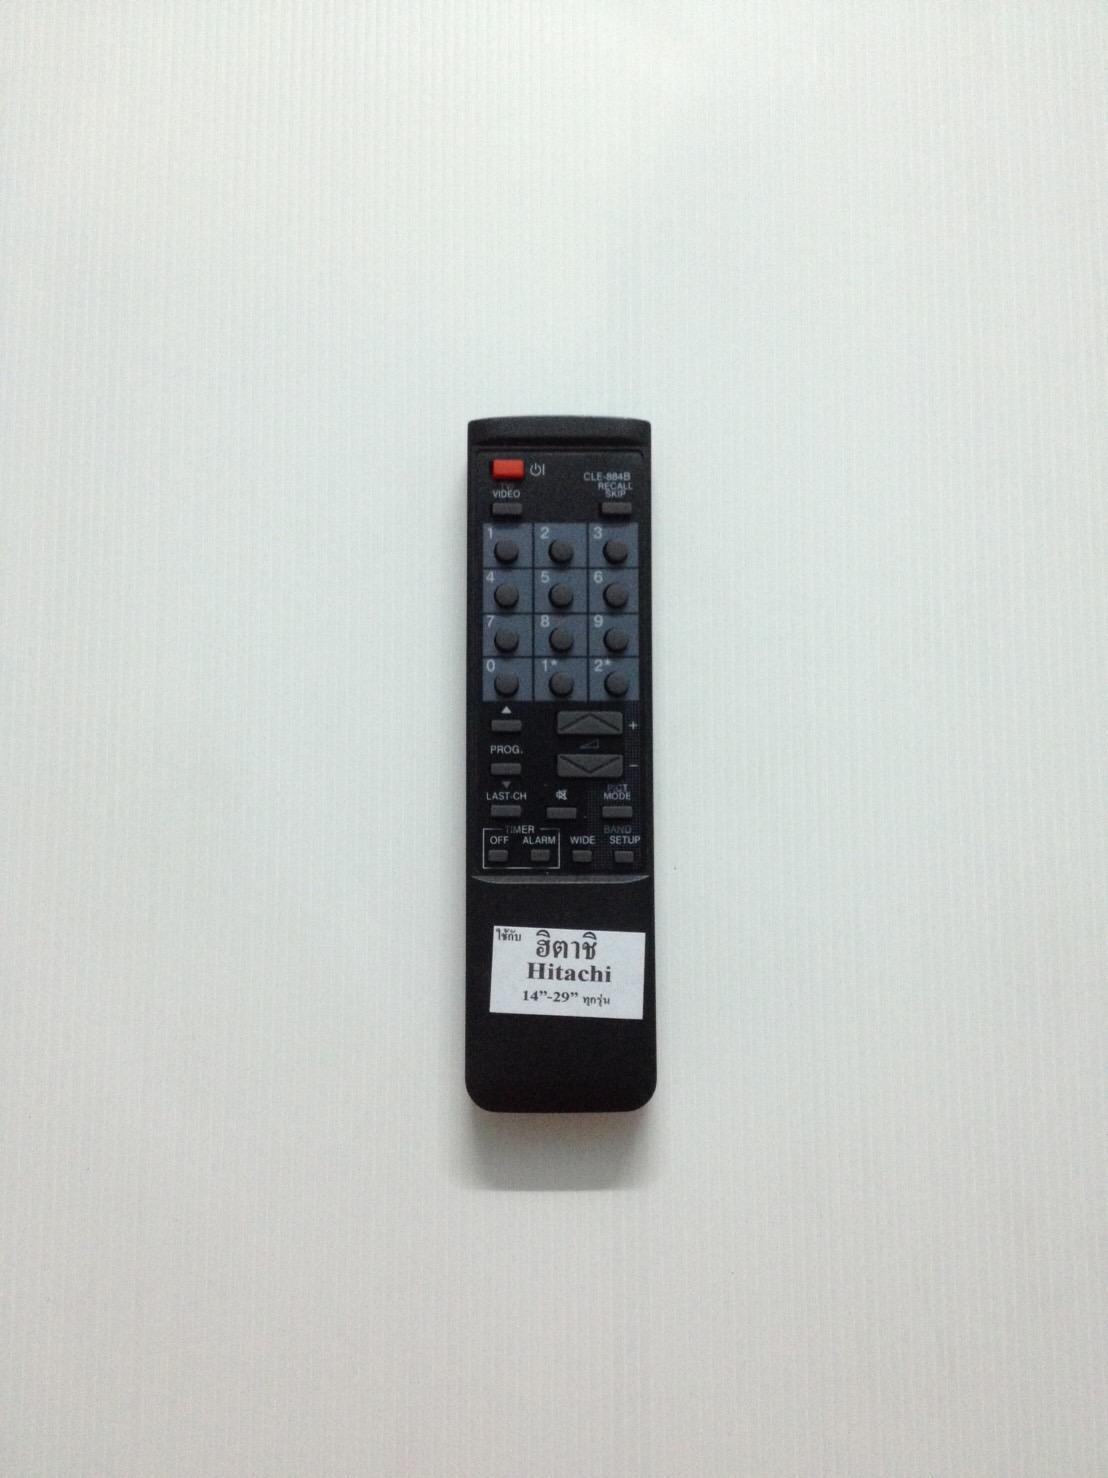 รีโมททีวีฮิตาชิ จอธรรมดา Hitachi CLE-884B